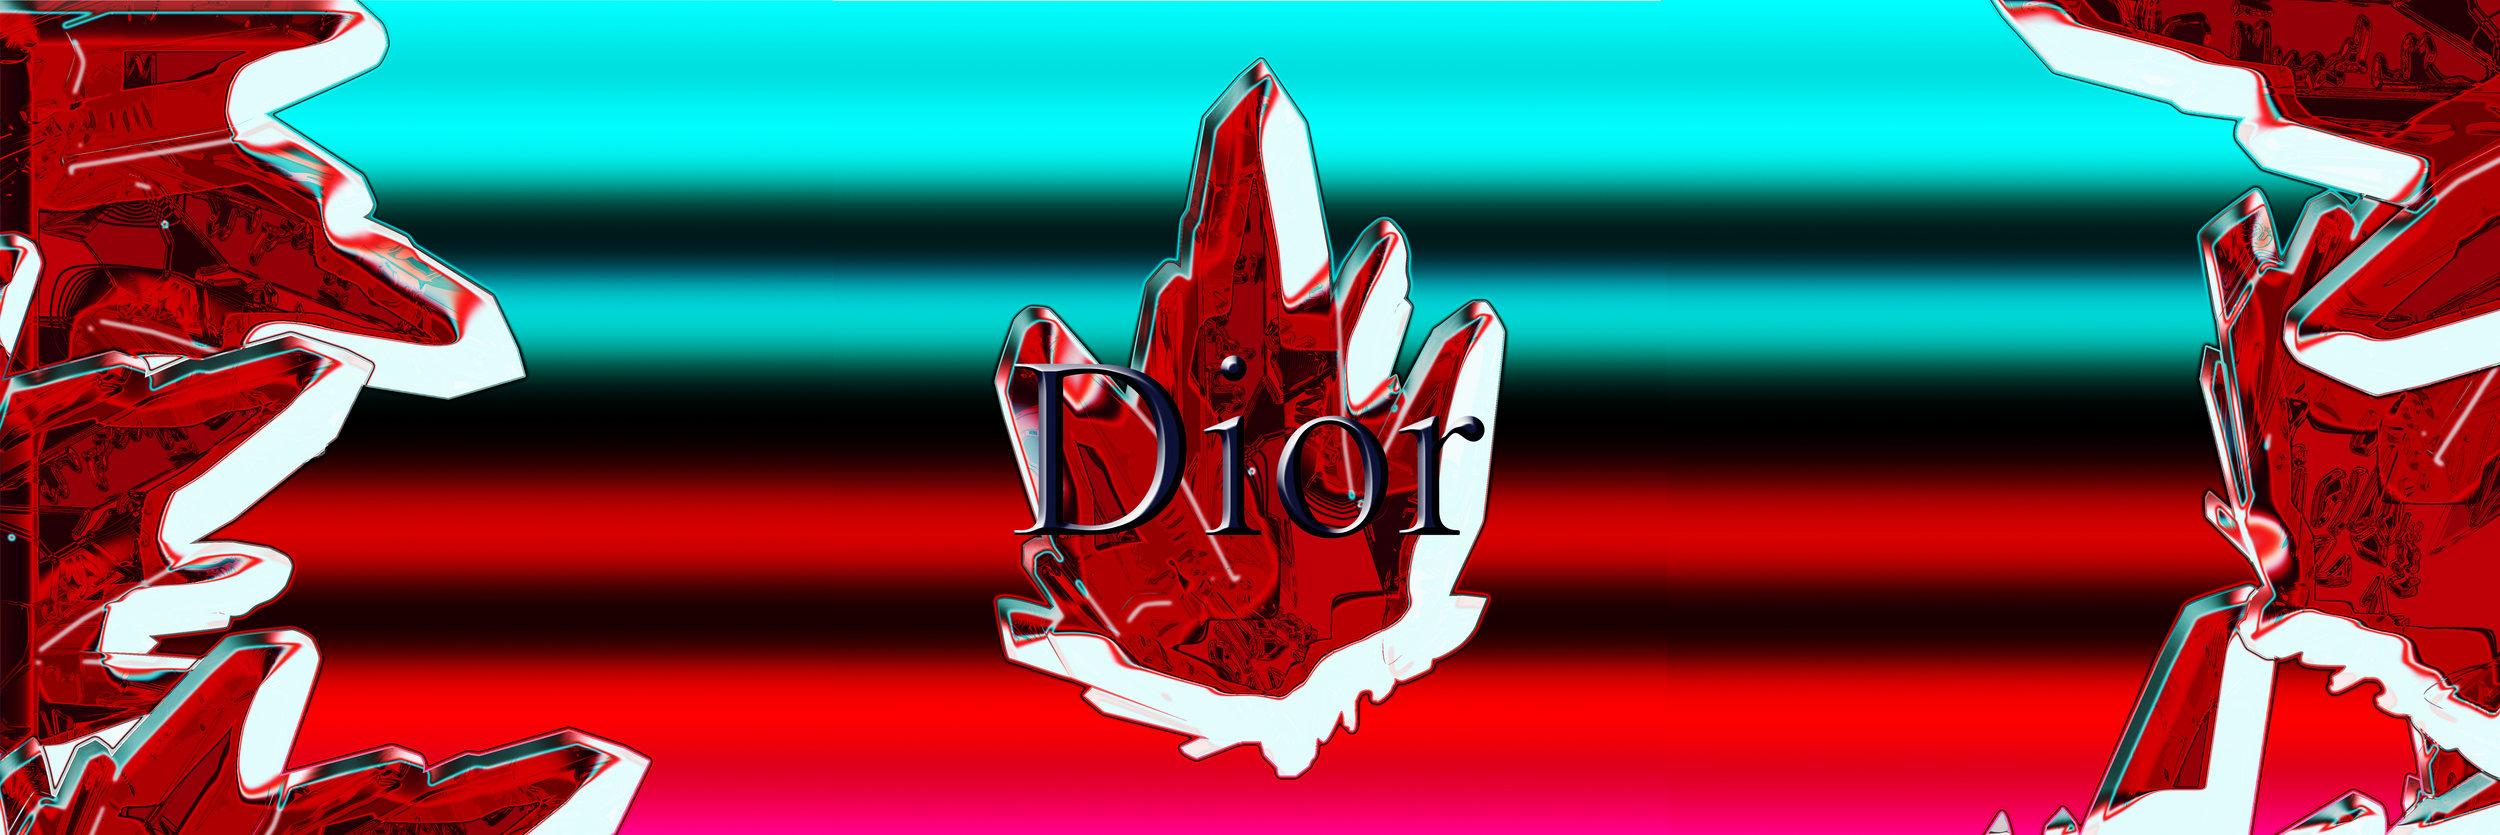 dior-gem.jpg